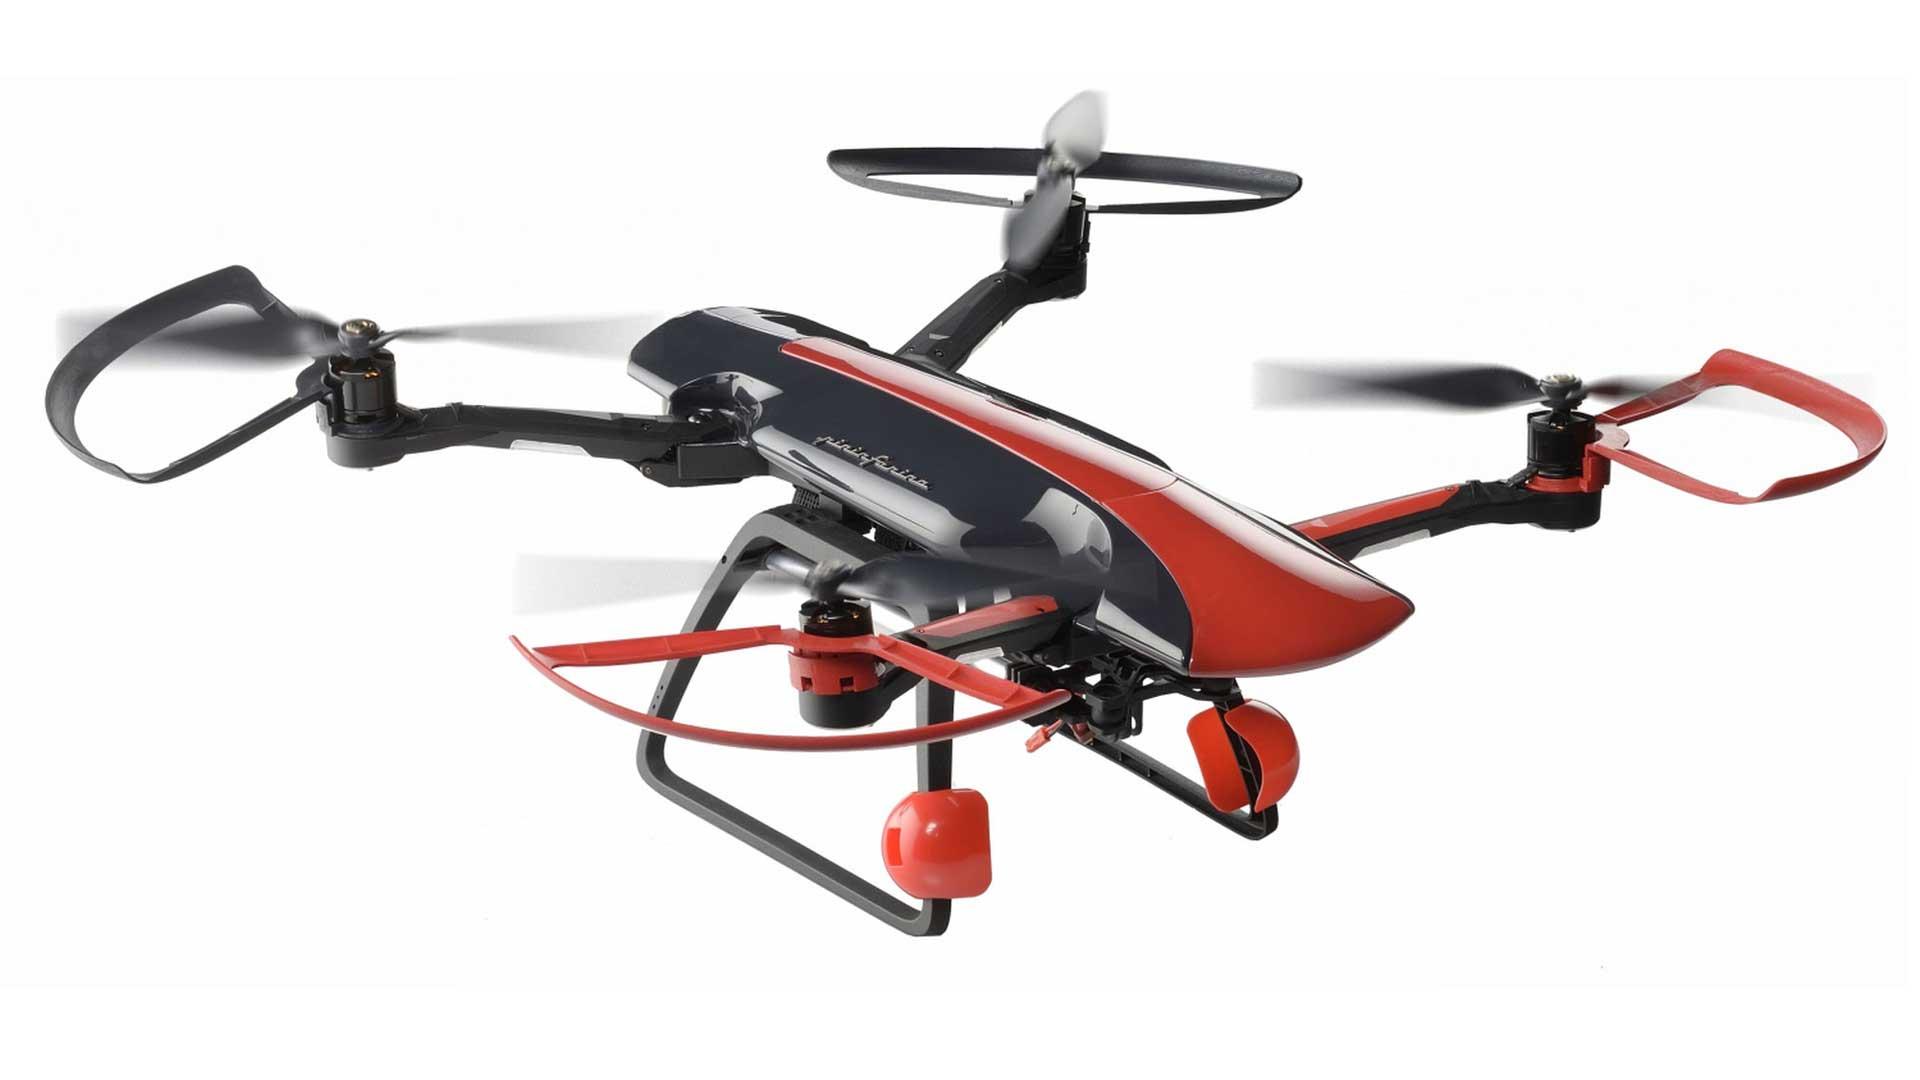 Sky Rider Drone il drone italiano vola a fascicoli  The Digeon